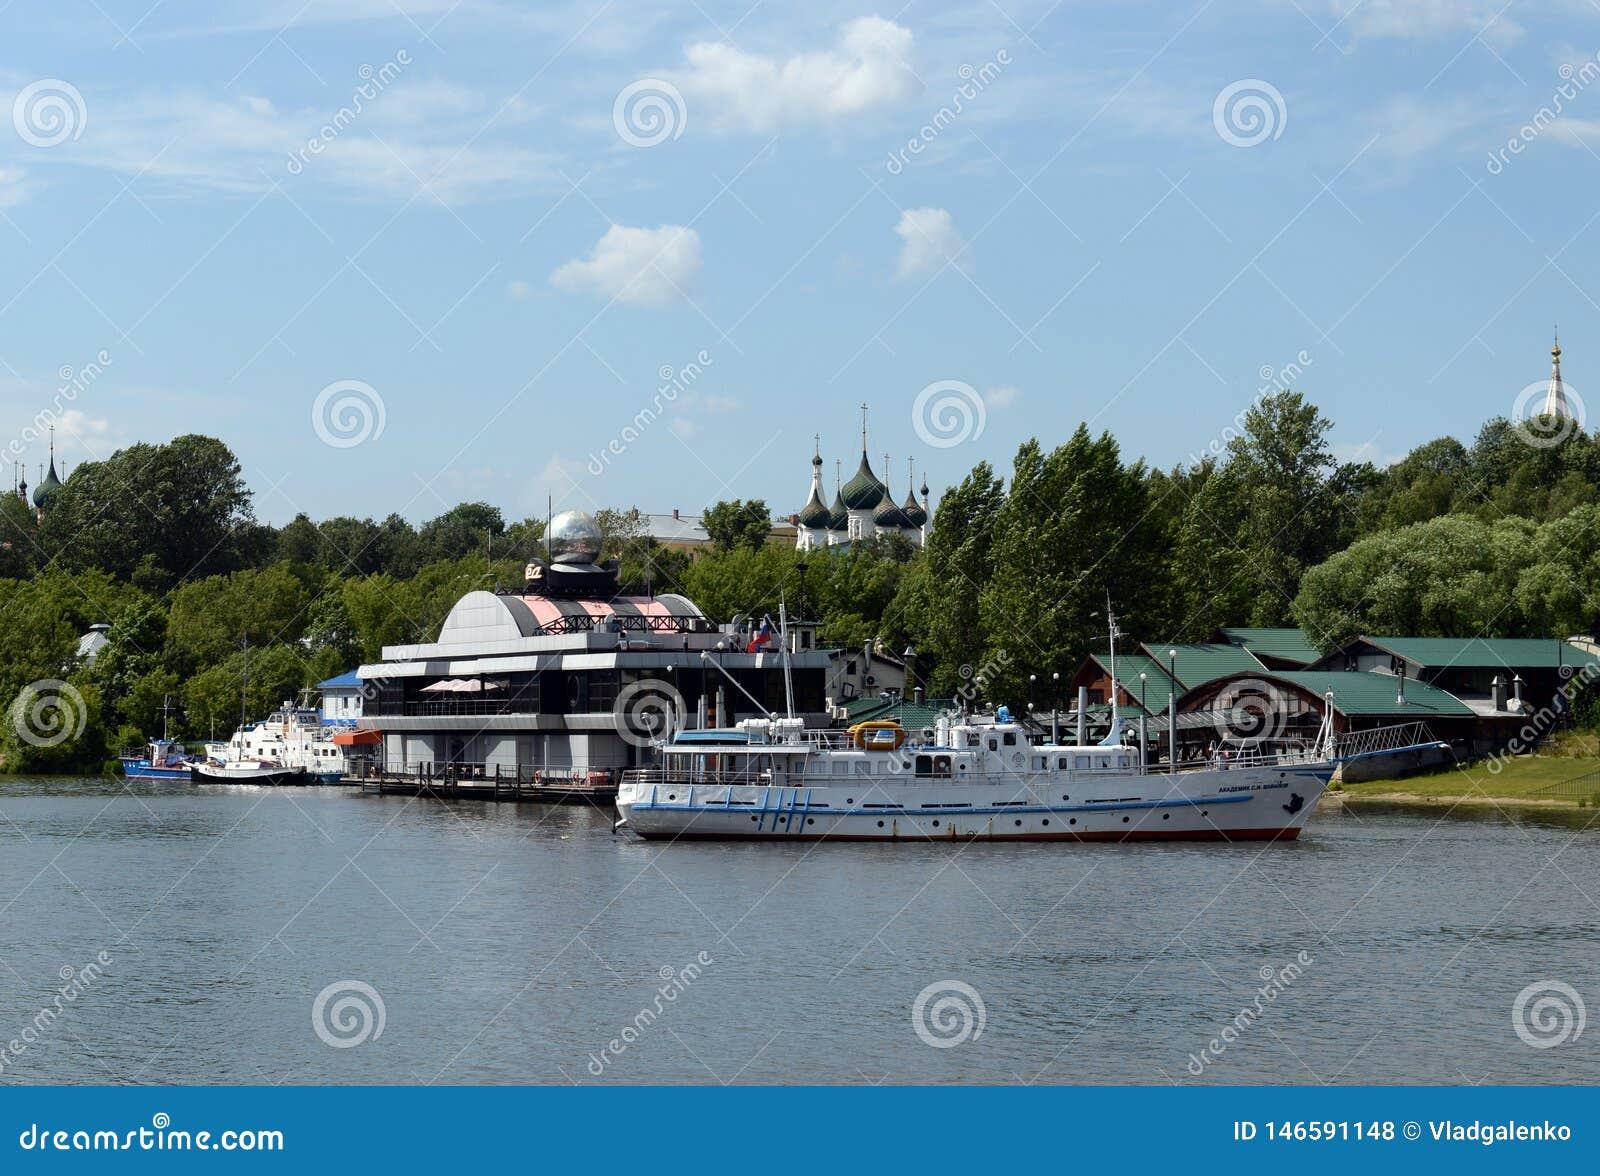 Vastgelegd bij het restaurant ?Vlotter ?het schip ?Akademik Vavilov ?in Yaroslavl